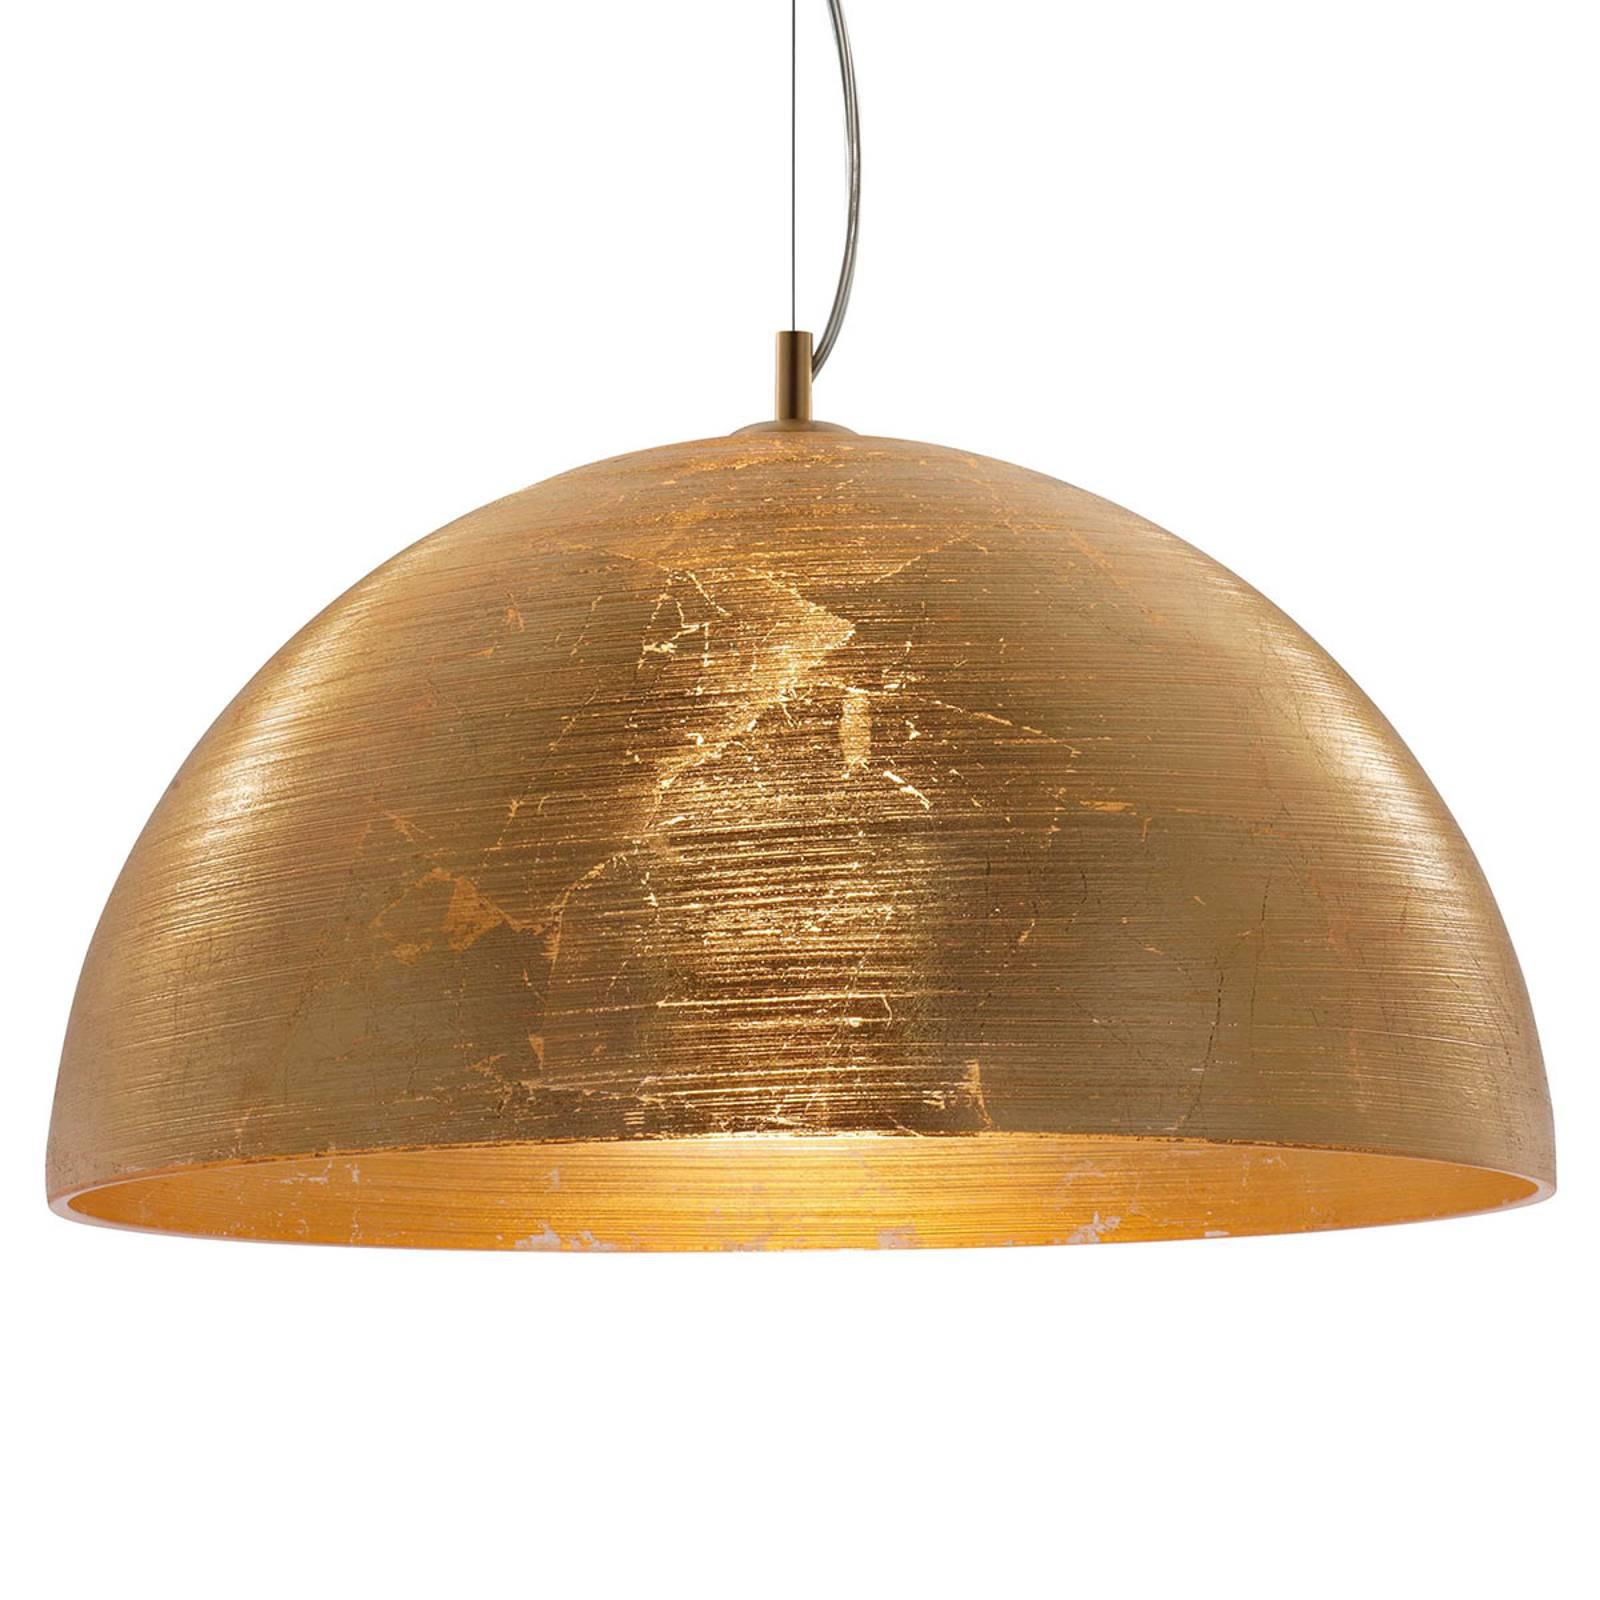 Suspension Dome dorée avec abat-jour en verre